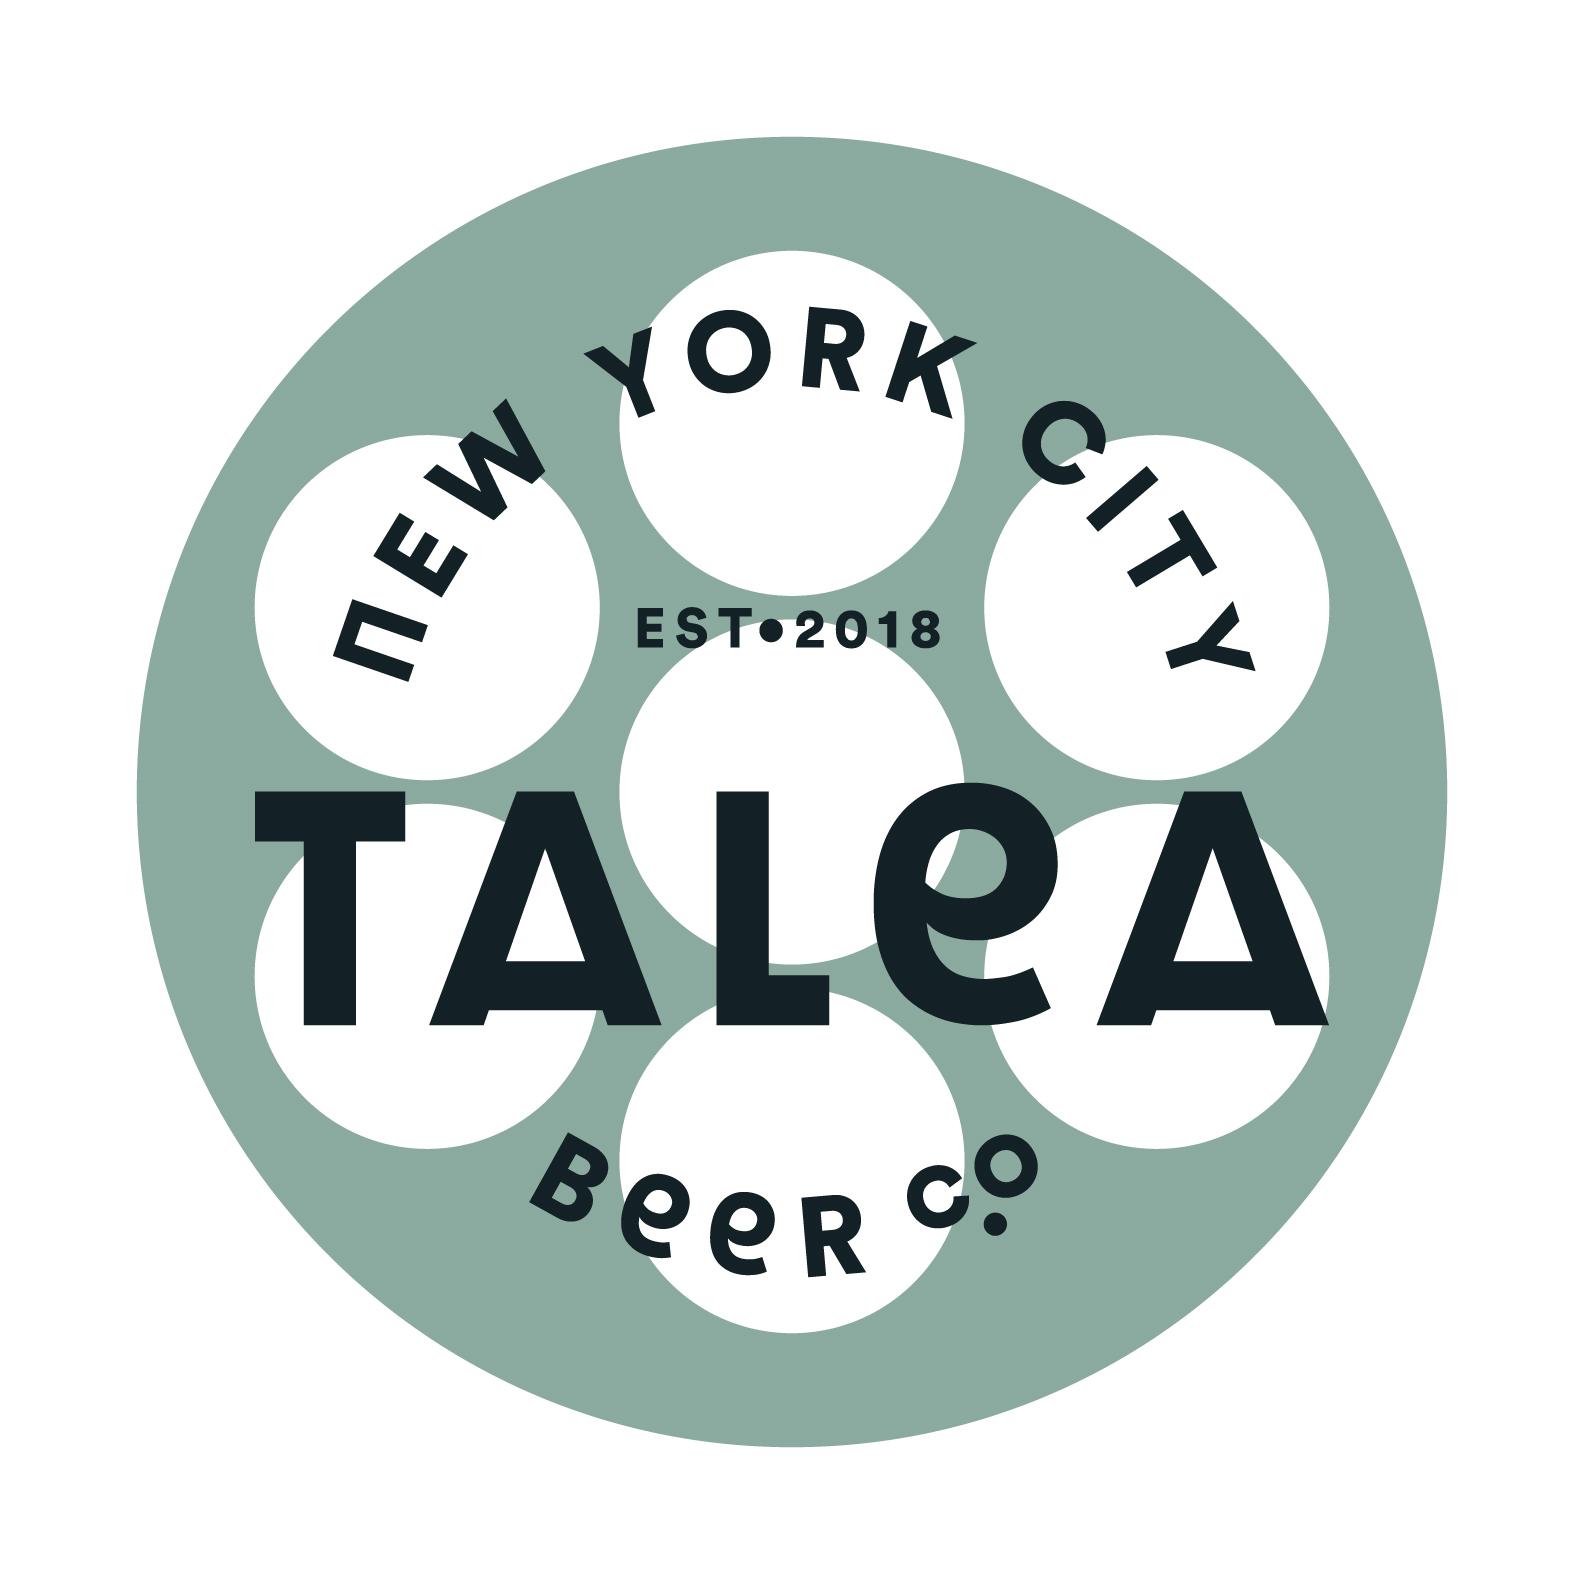 TALEA Beer Co